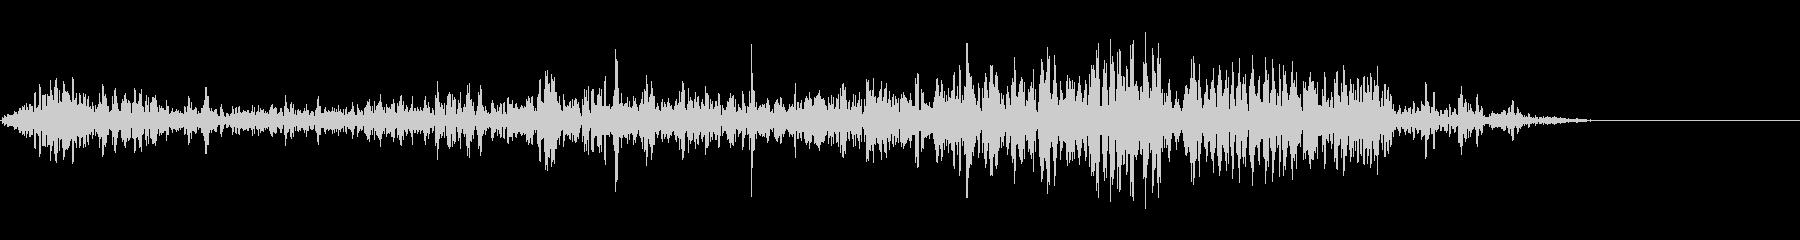 ガルルルル (大型の獣が唸る声)の未再生の波形